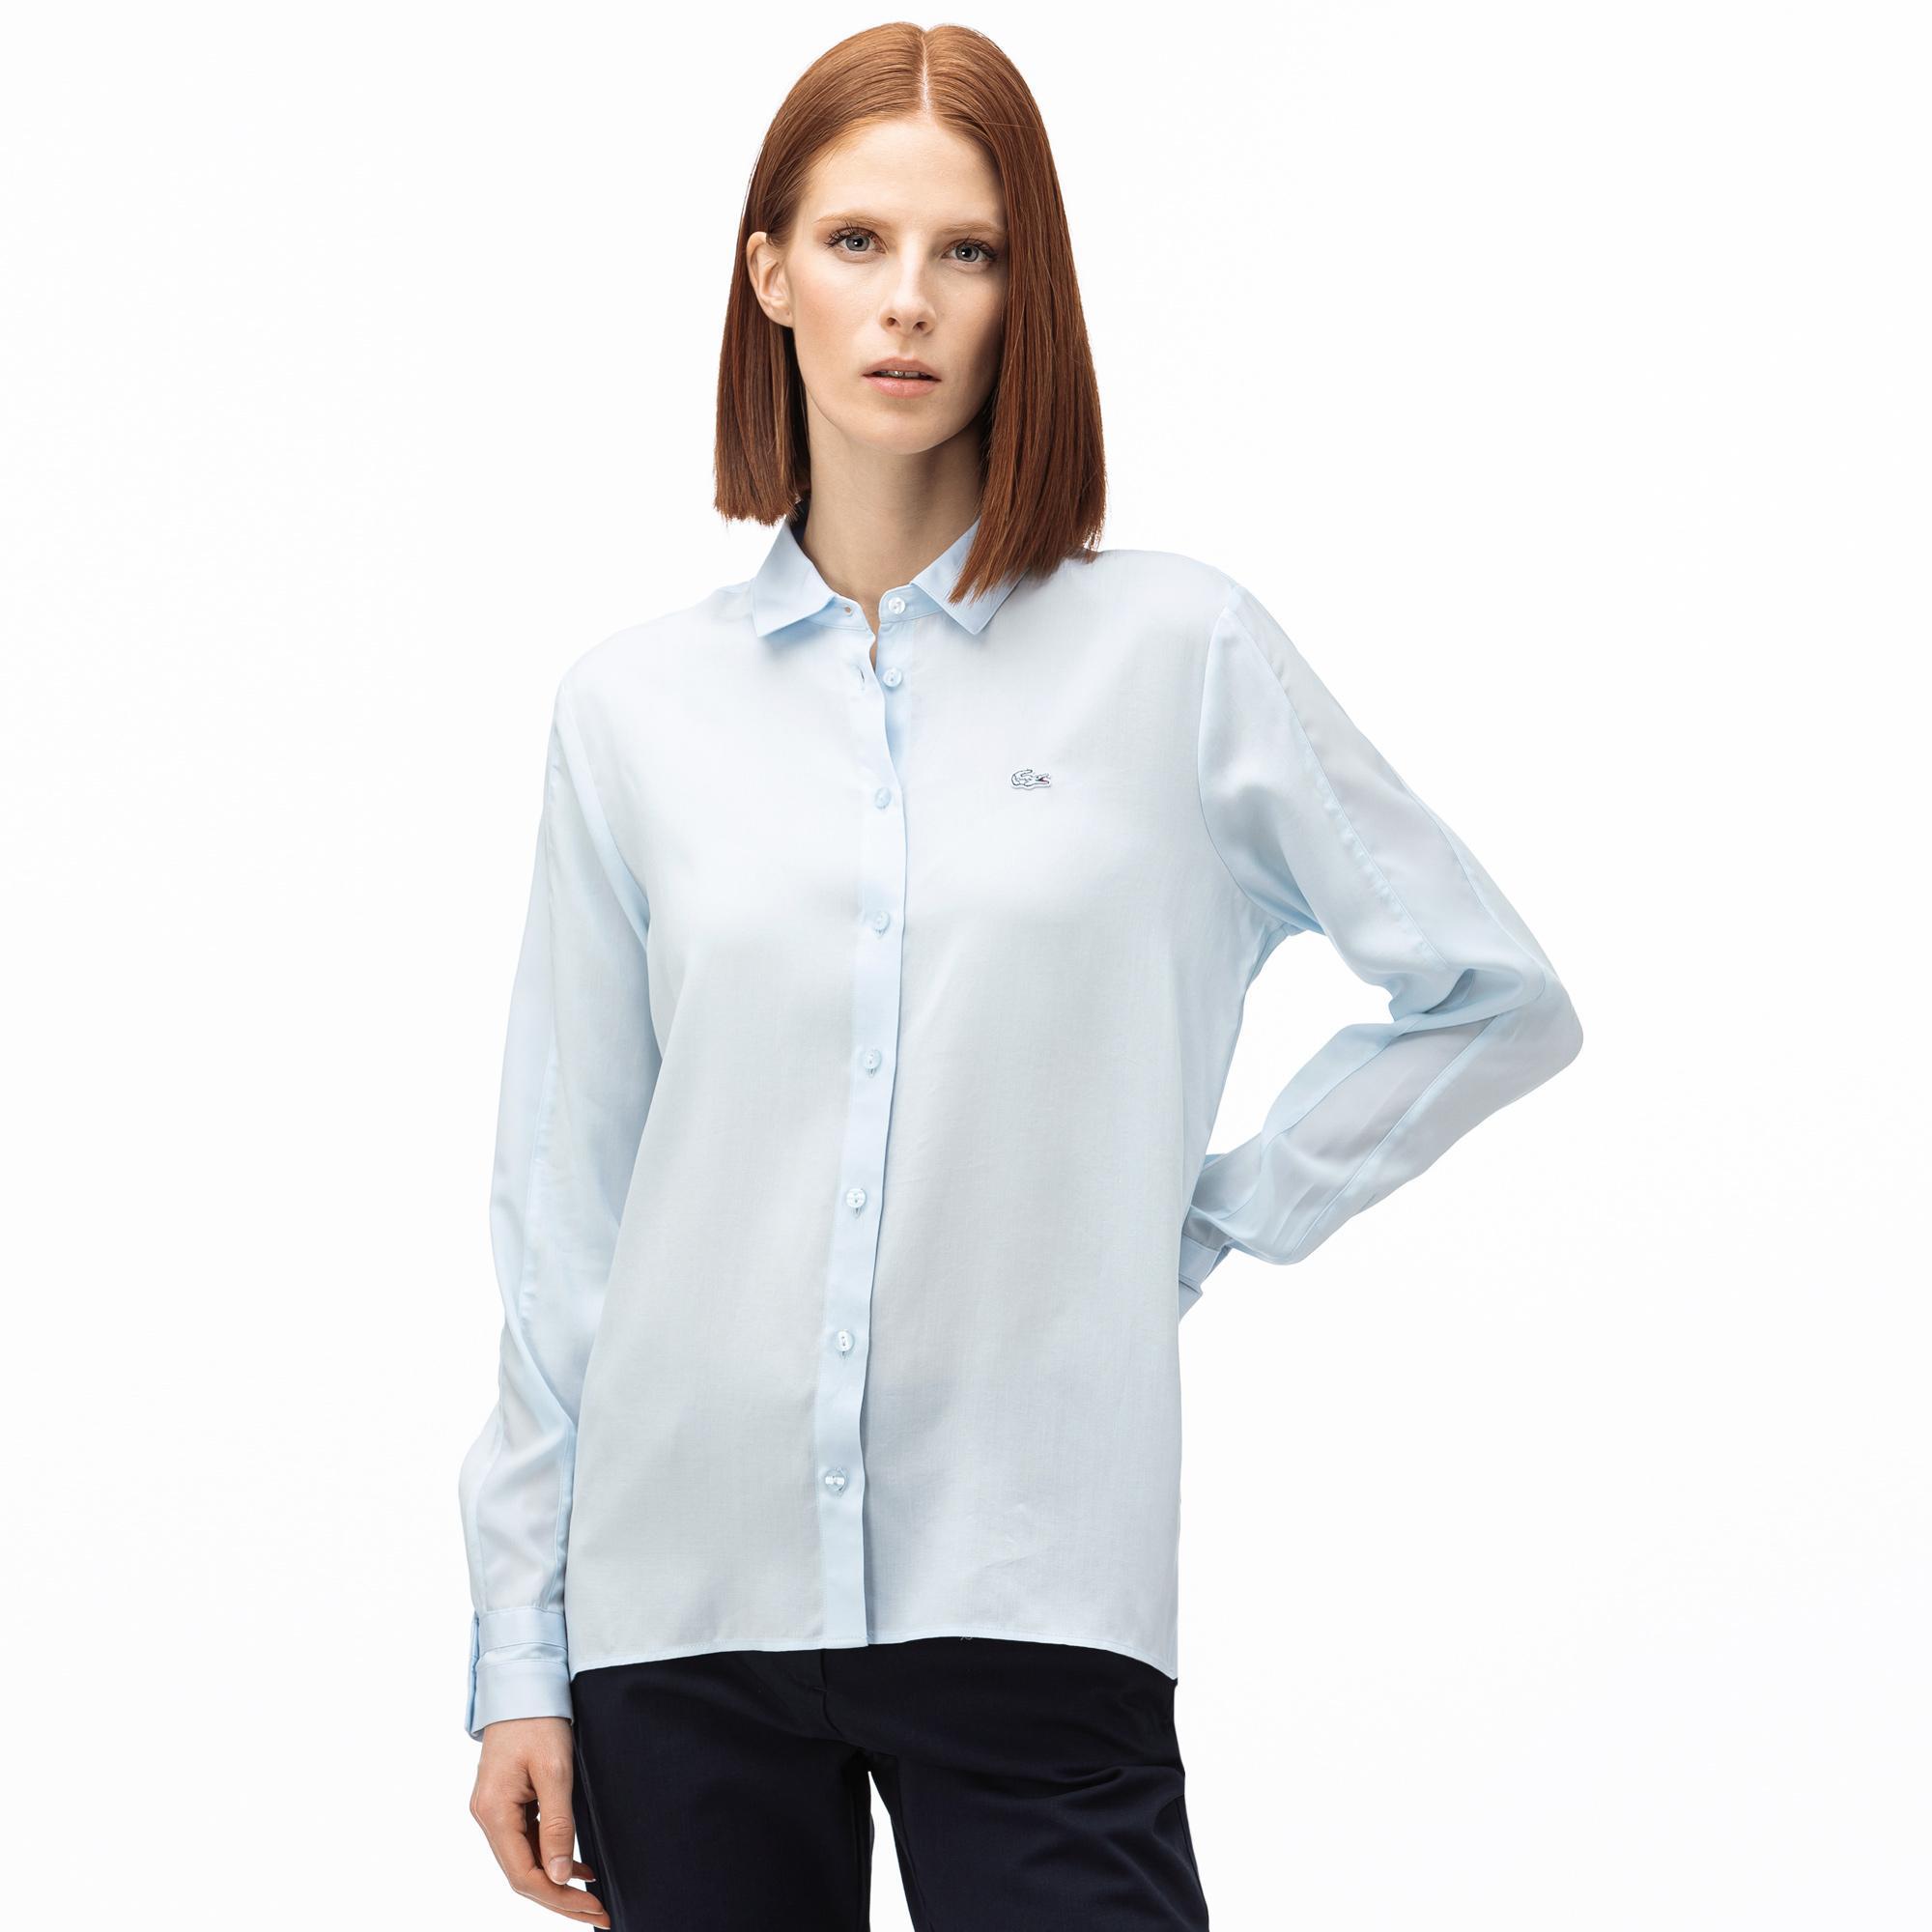 Lacoste Kadın Açık Mavi Gömlek